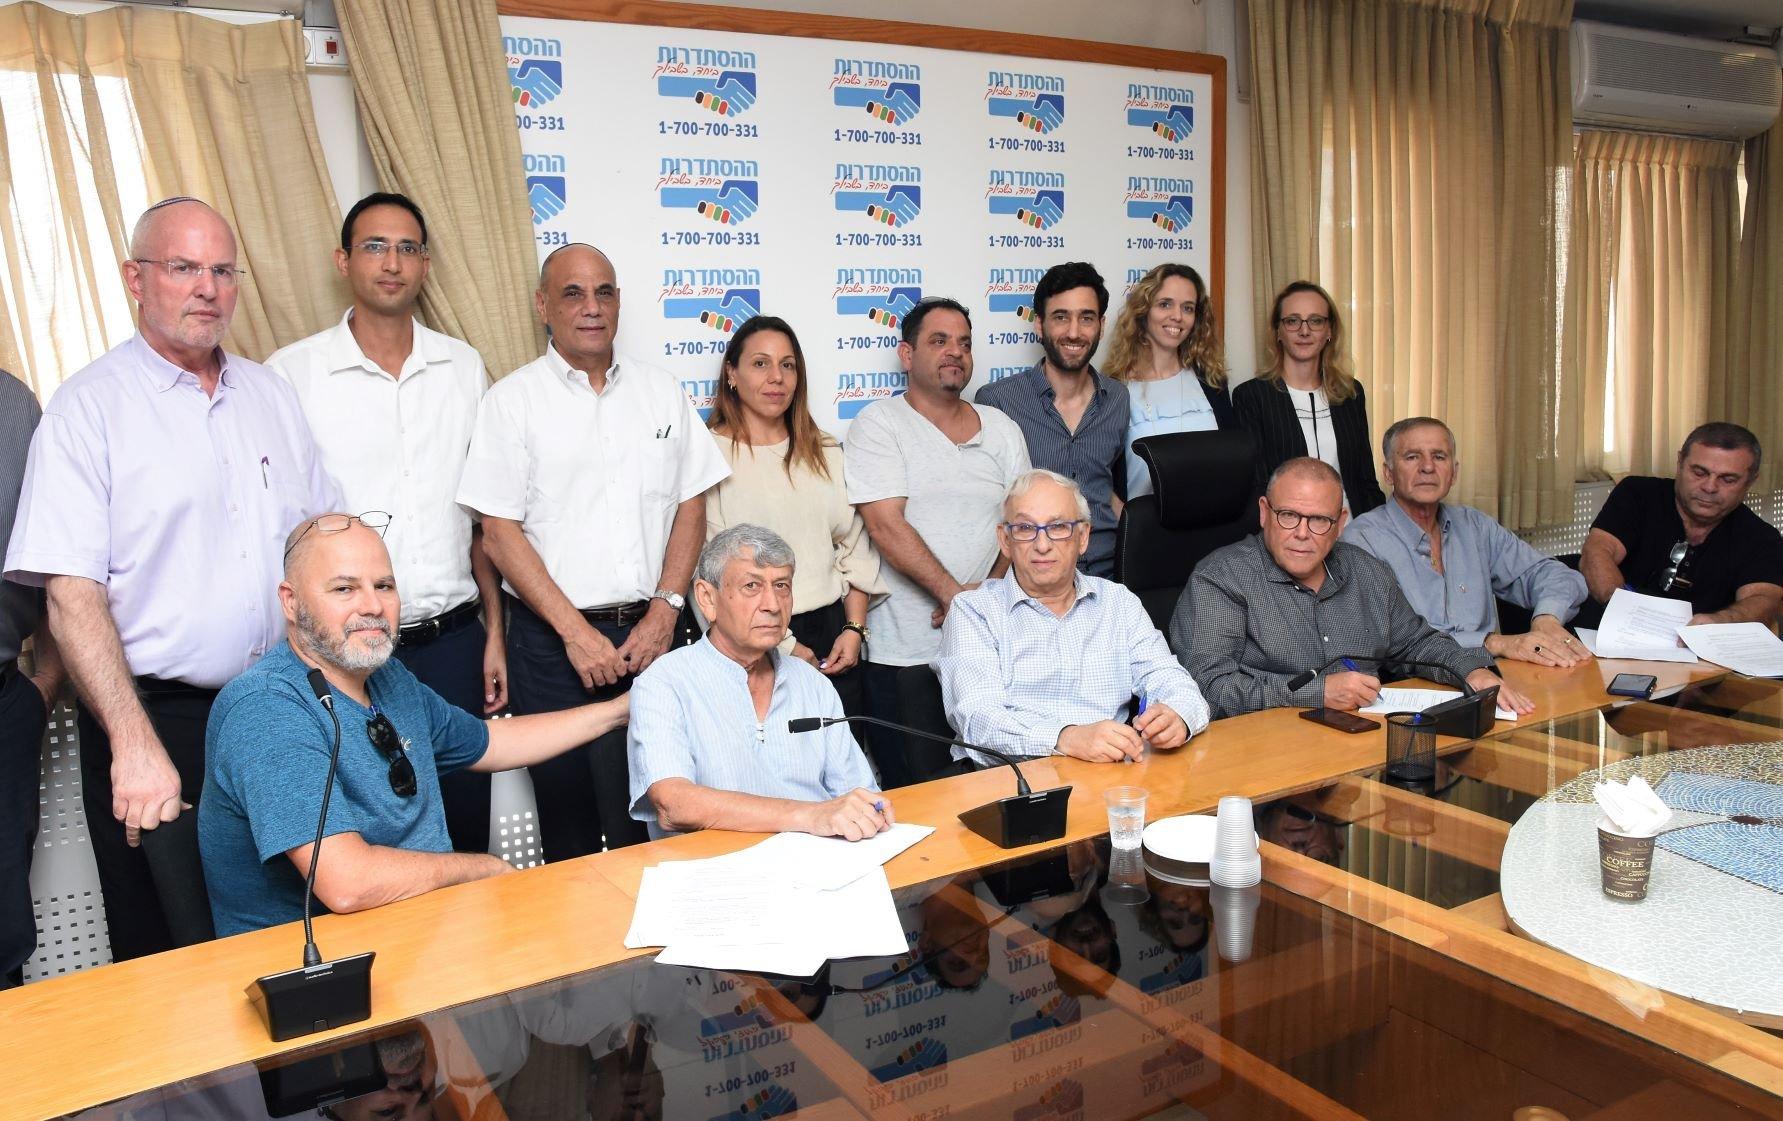 اتفاقية عمل جماعية اولى للموظفين الإداريين في كلية هداسا الأكاديمية بالقدس